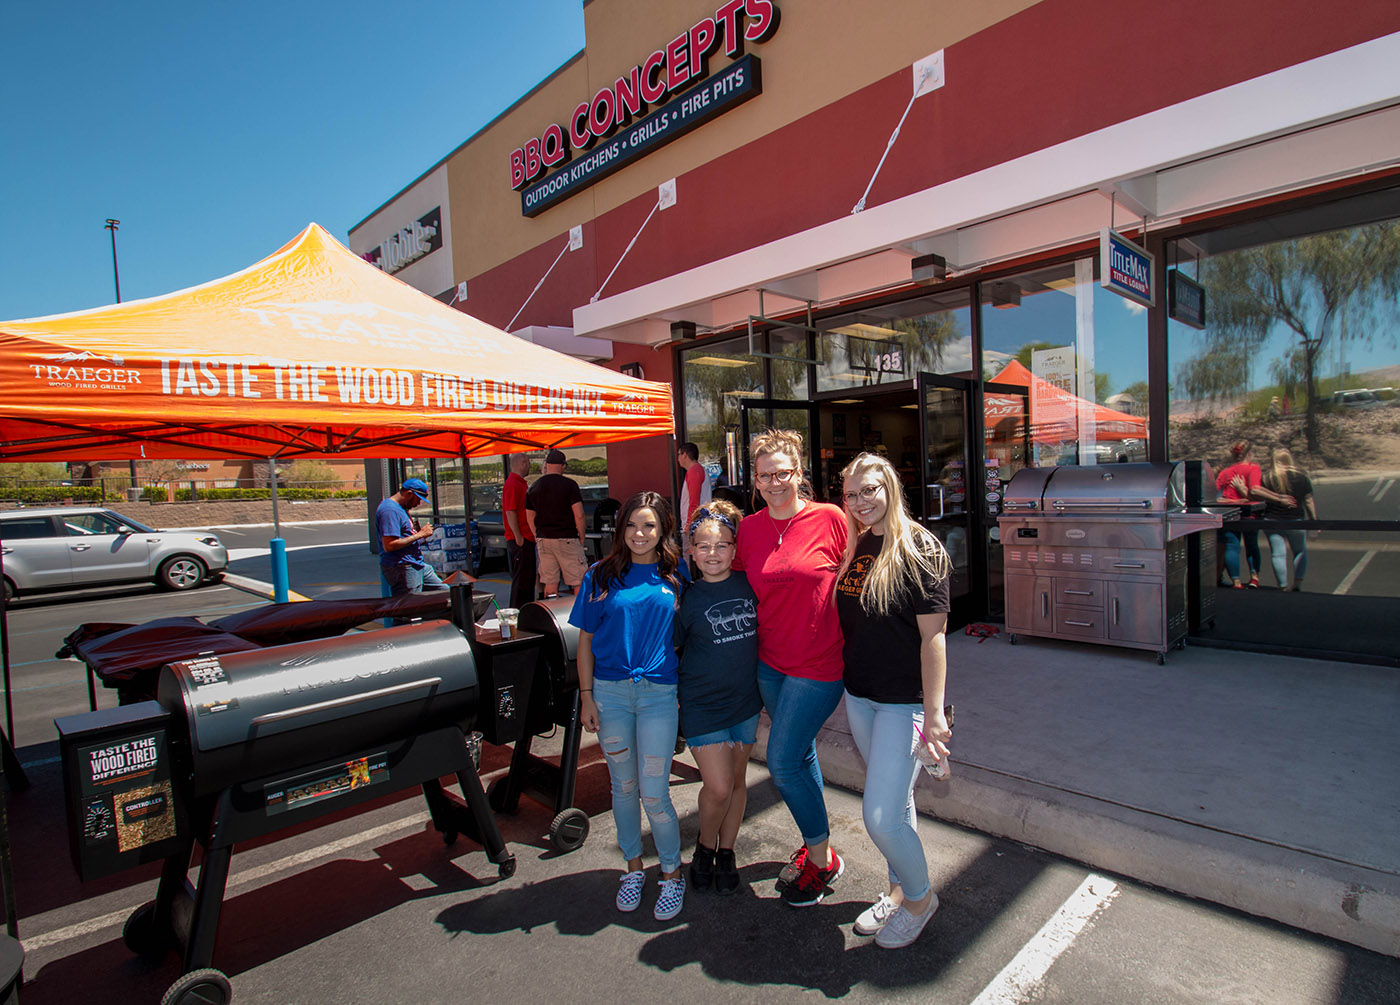 Saturday, May 12th, 2018 - National Traeger Day at BBQ Concepts